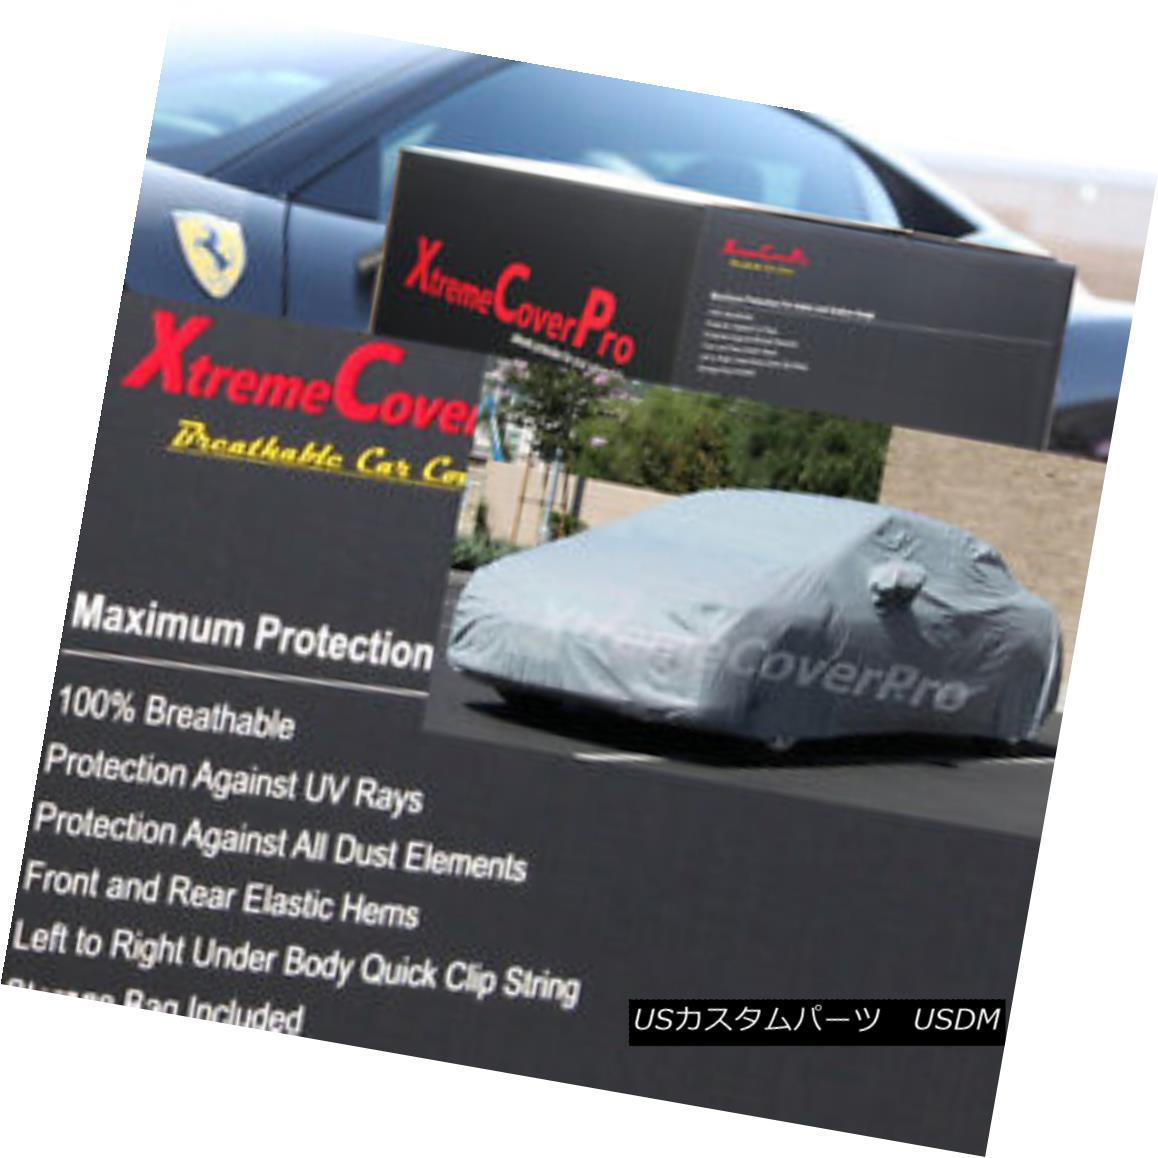 カーカバー 2016 MITSUBISHI EVO MR W/O SPOILER BREATHABLE CAR COVER W/MIRROR POCKET -GREY 2016 MITSUBISHI EVO MR W / OスポイラーBREATHABLE CAR COVER / MIRROR POCKET -GREY